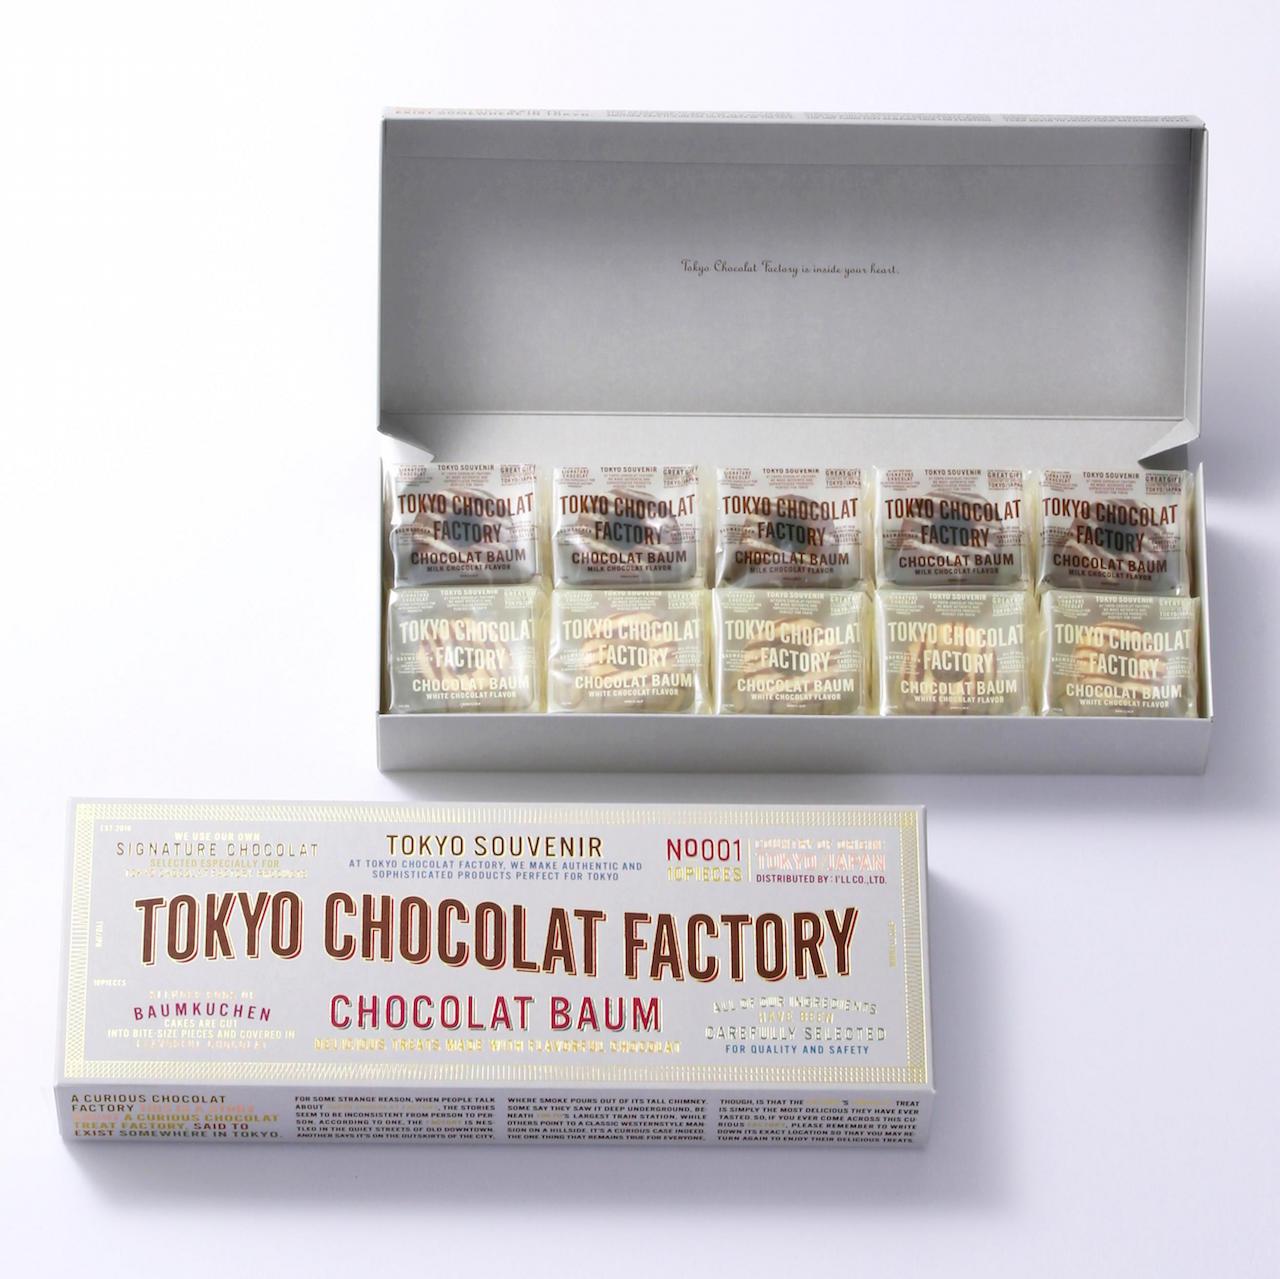 東京ショコラファクトリー ショコラバウム